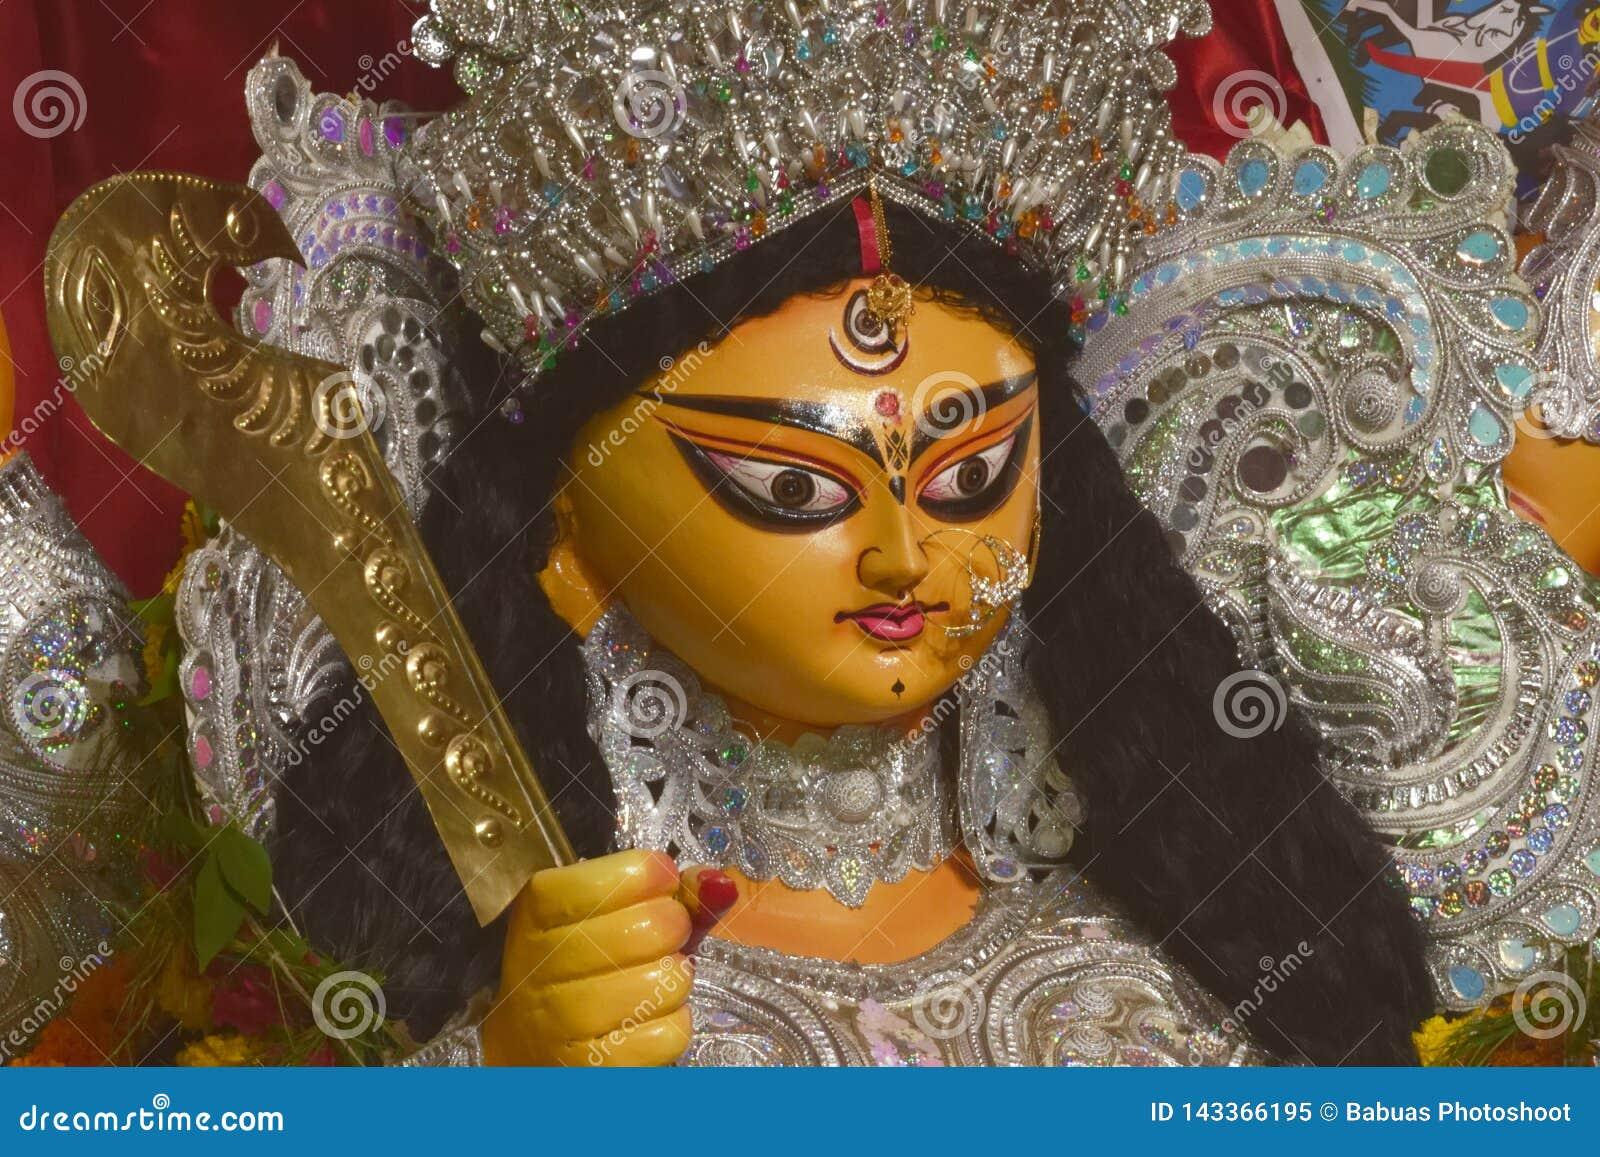 Blessings and prayers of Goddess Durga